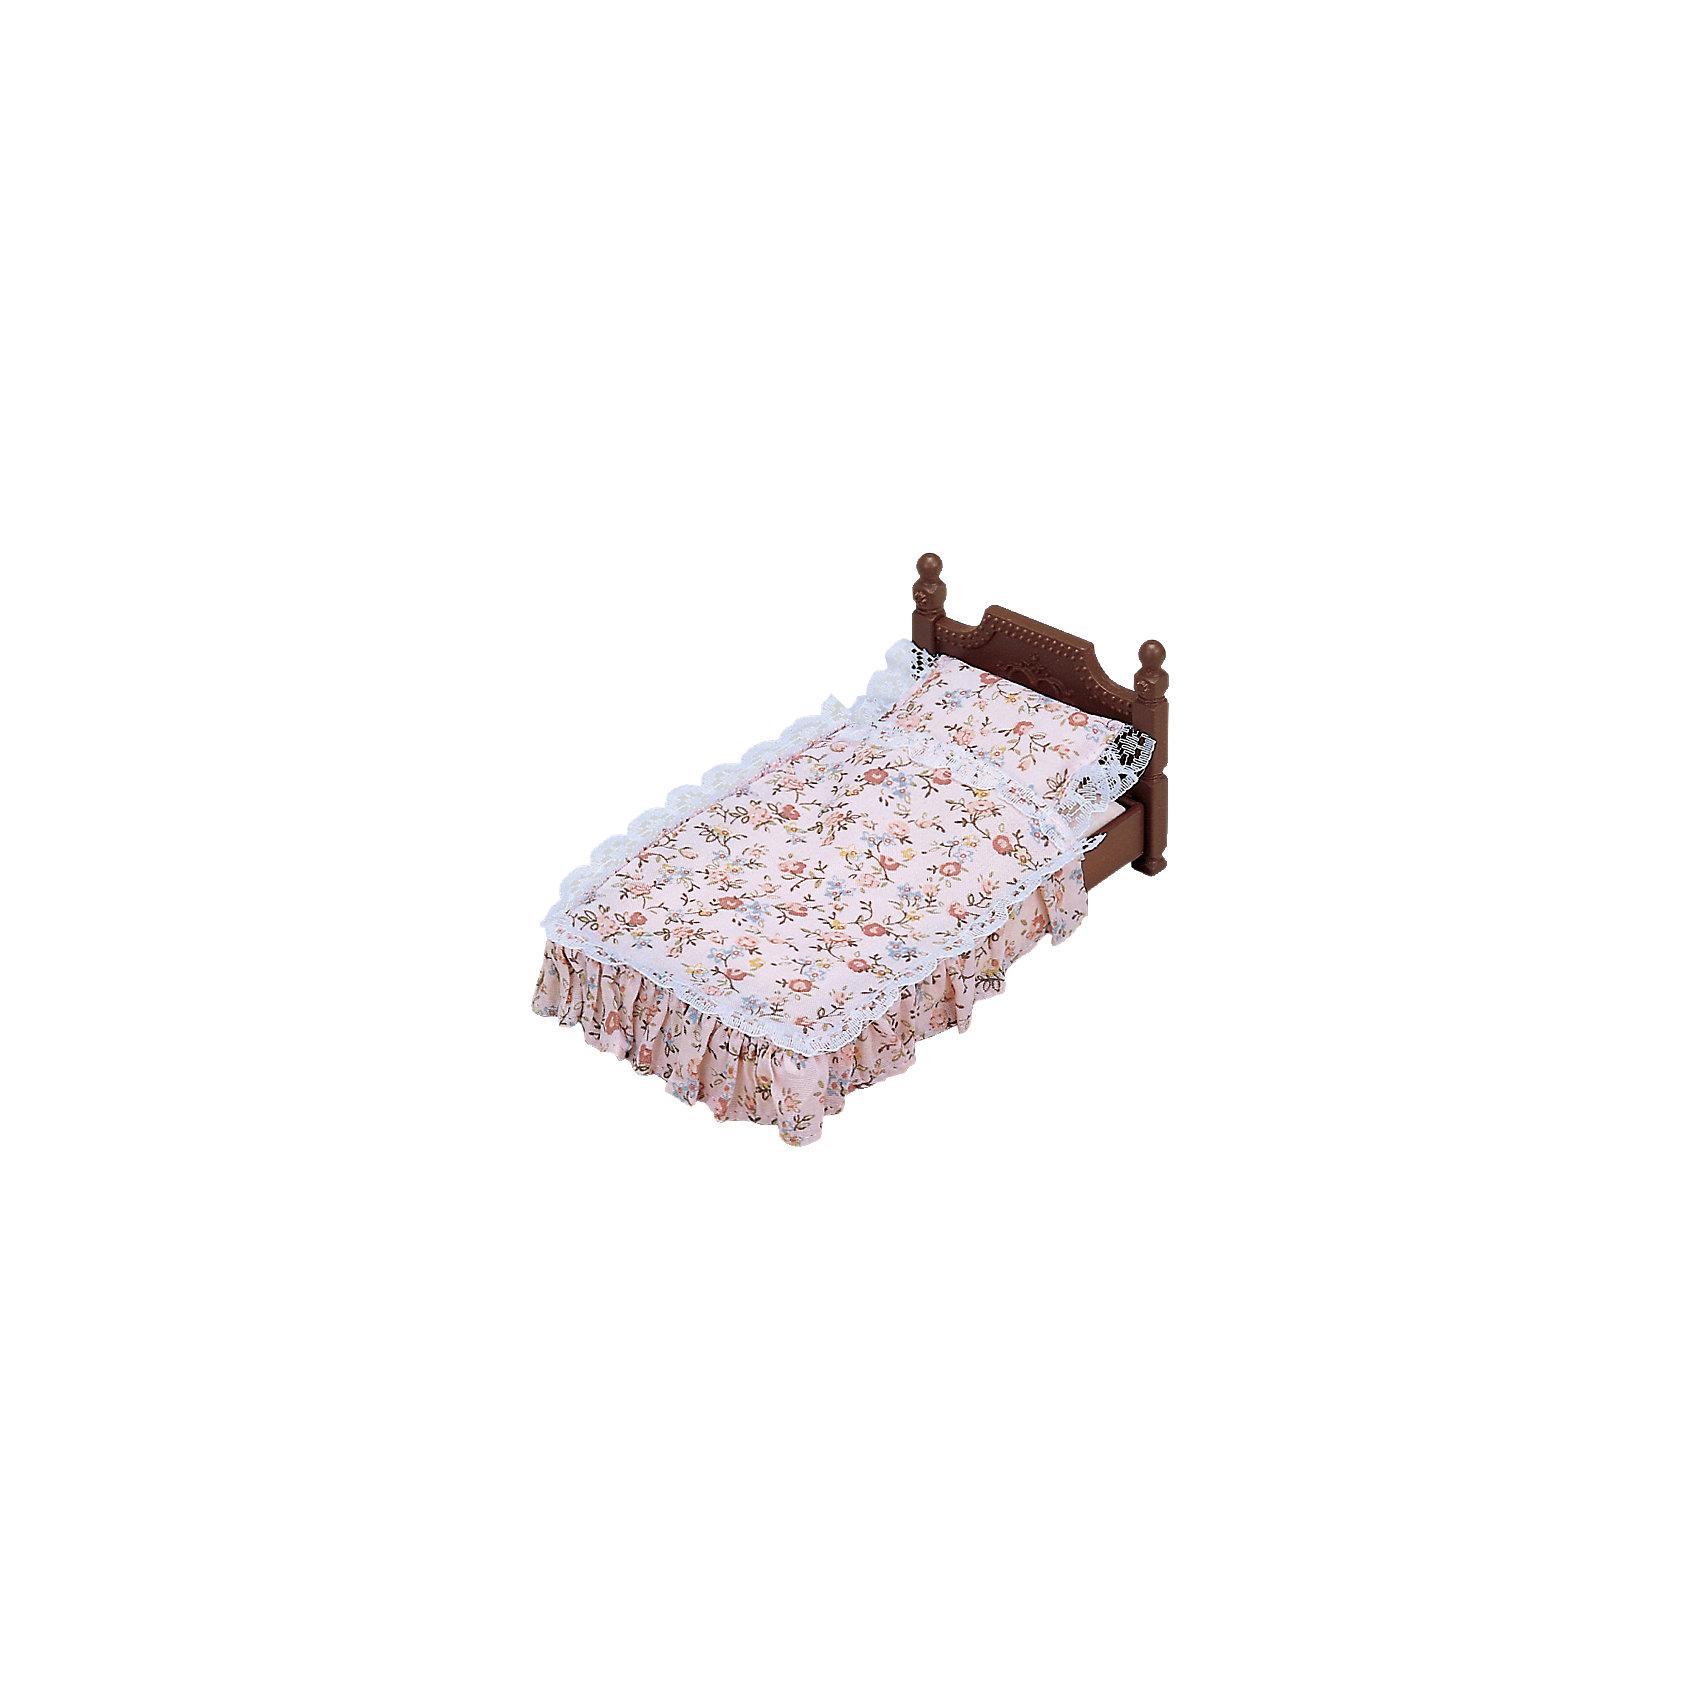 Набор Большая кровать, Sylvanian FamiliesSylvanian Families<br>Набор Большая кровать, Sylvanian Families (Сильваниан Фэмилис), приятно порадует Вашего ребенка и станет прекрасным дополнением к домику веселых зверюшек. В комплект входят деревянная кроватка и постельное белье к ней. Уютная кроватка с красивой резной спинкой подходит для больших и средних фигурок зверюшек Sylvanian Families (Сильваниан Фэмилис) размером 7,5 и 9, 5 см. Подушка, простыня и одеяло выполнены в нежно-розовой расцветке и украшены нарядным цветочным рисунком и кружевом. Этот симпатичный аксессуар сделает игры с любимыми зверюшками еще интереснее и реалистичнее.<br><br>Sylvanian Families (Сильваниан Фэмилис) - это целая серия игровых наборов и забавных зверюшек, которые объединены общим сюжетом: лесные обитатели живут большими семьями в своих домиках, в каждой семье есть родители и дети. Из деталей разных наборов можно собрать целый городок, в котором будут школы, магазины, детские сады, больницы, рынок и многое другое. Набор прекрасно подходит для сюжетно-ролевых игр, развивает мелкую моторику, фантазию, мышление и воображение. <br><br>Дополнительная информация:<br><br>- В комплекте: кровать, постельные принадлежности. <br>- Материал: пластик, текстиль.<br>- Размер упаковки: 13 х 7 х 7 см. <br>- Вес: 85 гр.<br><br>Набор Большая кровать, Sylvanian Families (Сильваниан Фэмилис), можно купить в нашем интернет-магазине.<br><br>Ширина мм: 128<br>Глубина мм: 76<br>Высота мм: 63<br>Вес г: 84<br>Возраст от месяцев: 36<br>Возраст до месяцев: 72<br>Пол: Женский<br>Возраст: Детский<br>SKU: 4471353